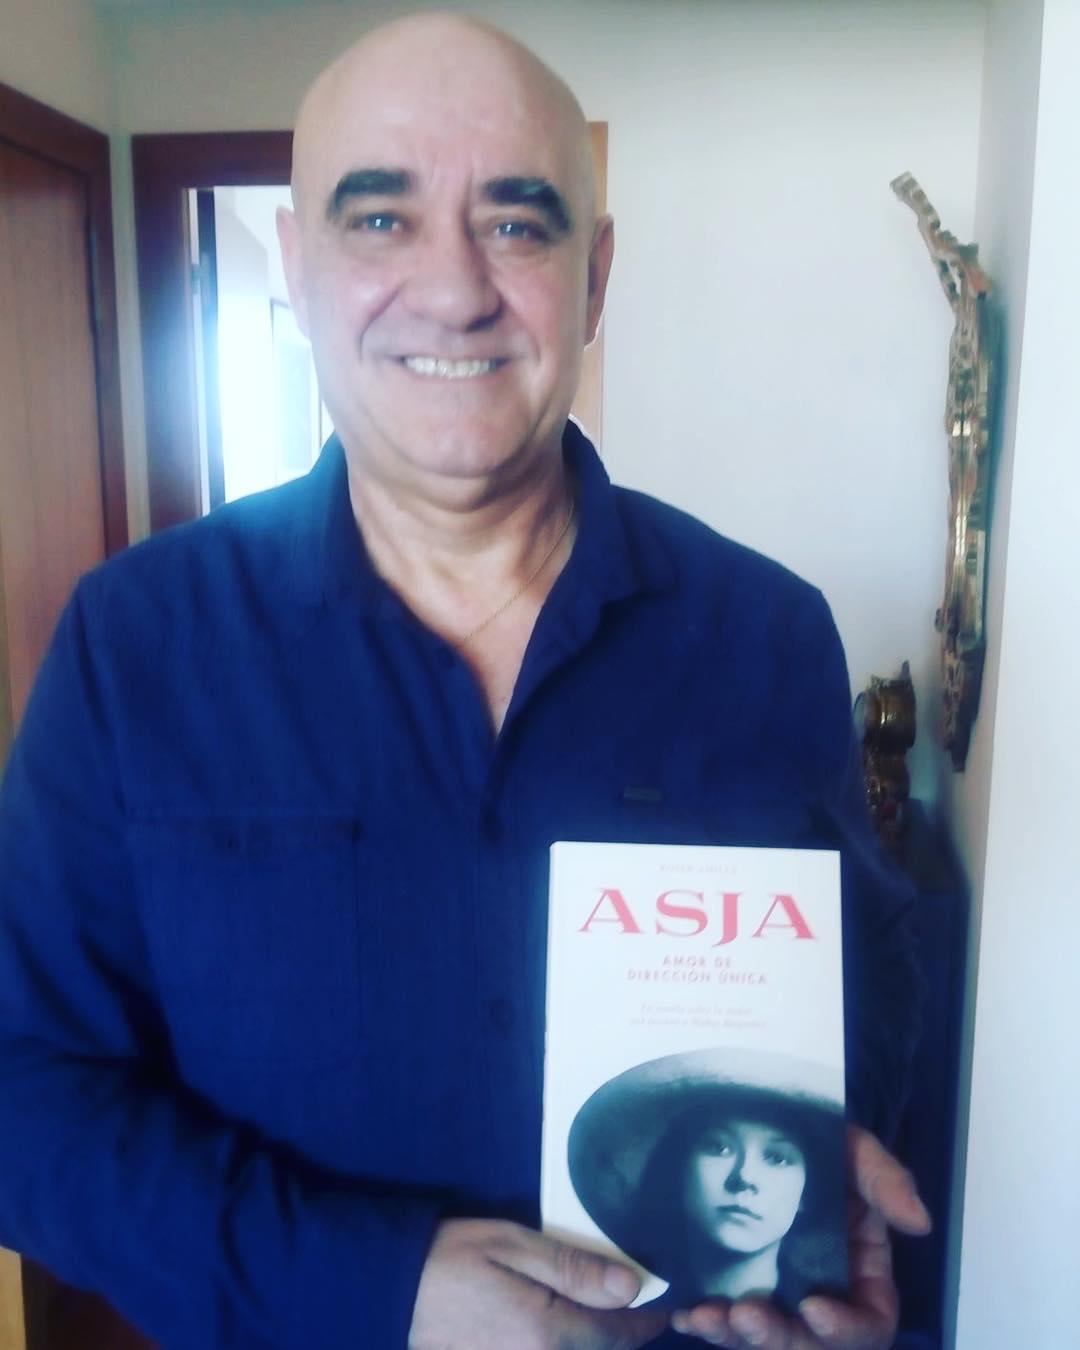 Gracias, Toni Sánchez, me hace mucha ilusión esta foto, y sobre todo que hayas decidido leer la novela sobre #asjalacis